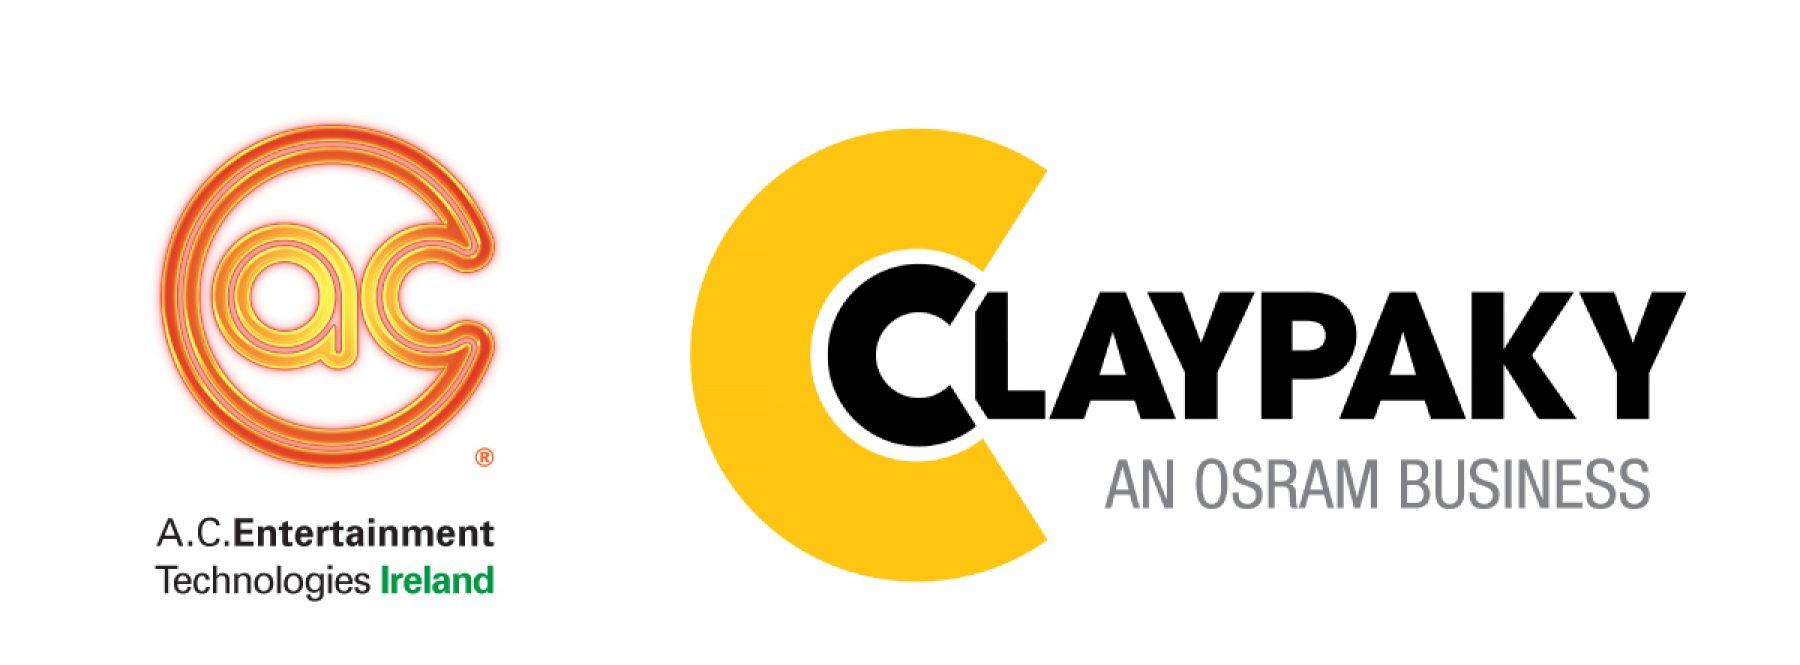 AC-ET Ireland and Claypaky